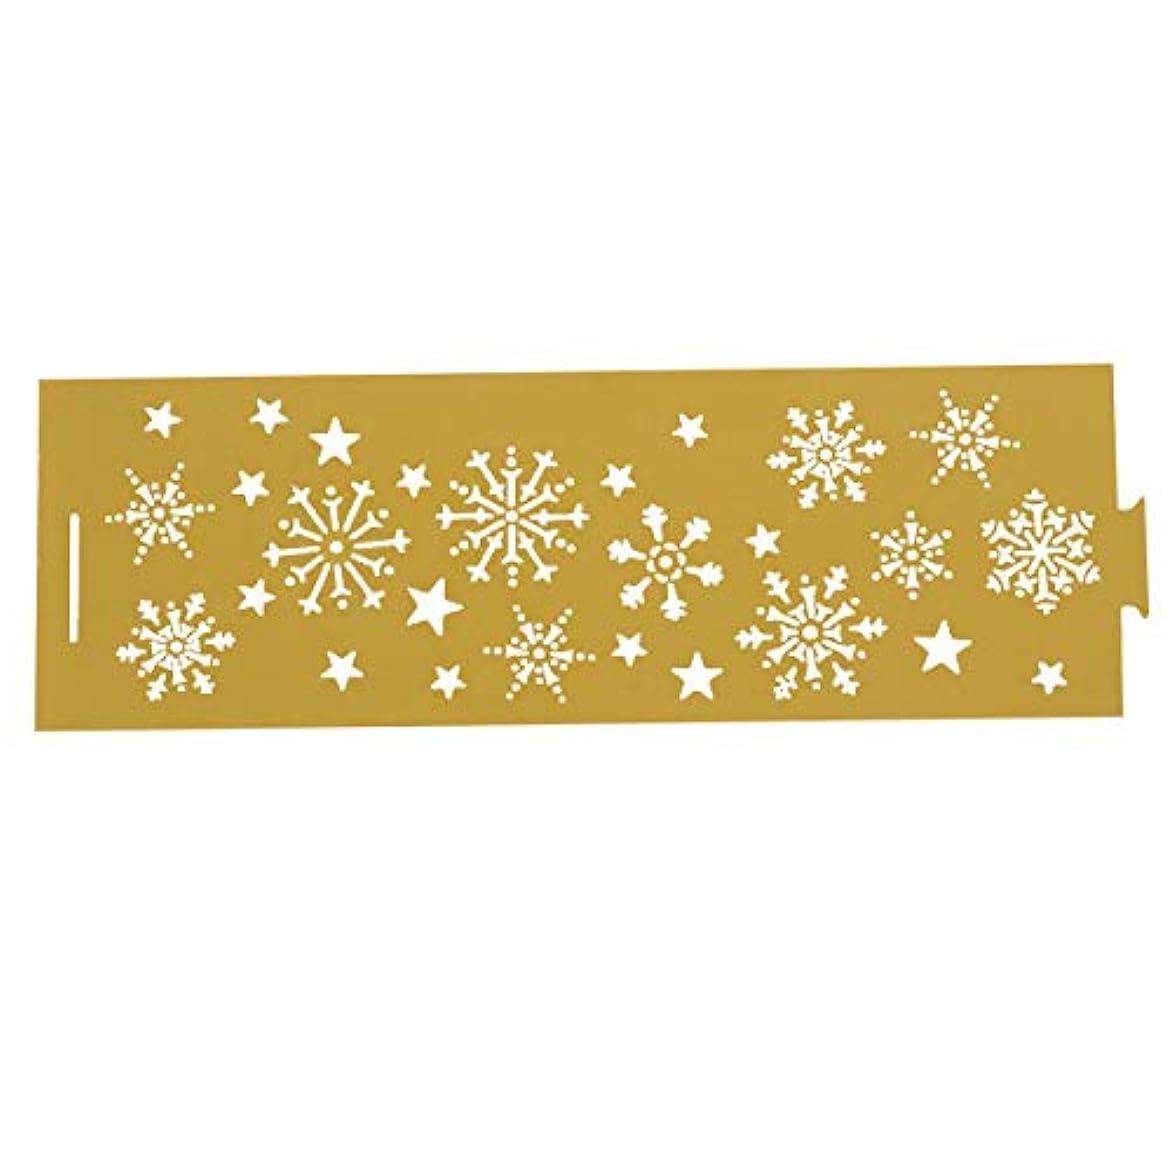 融合支払うジュニアBESTONZON 50ピースled電子キャンドルラッパーライト中空キャンドルシェードカバーペーパーラッパーペーパーキャンドル装飾(ゴールデン)